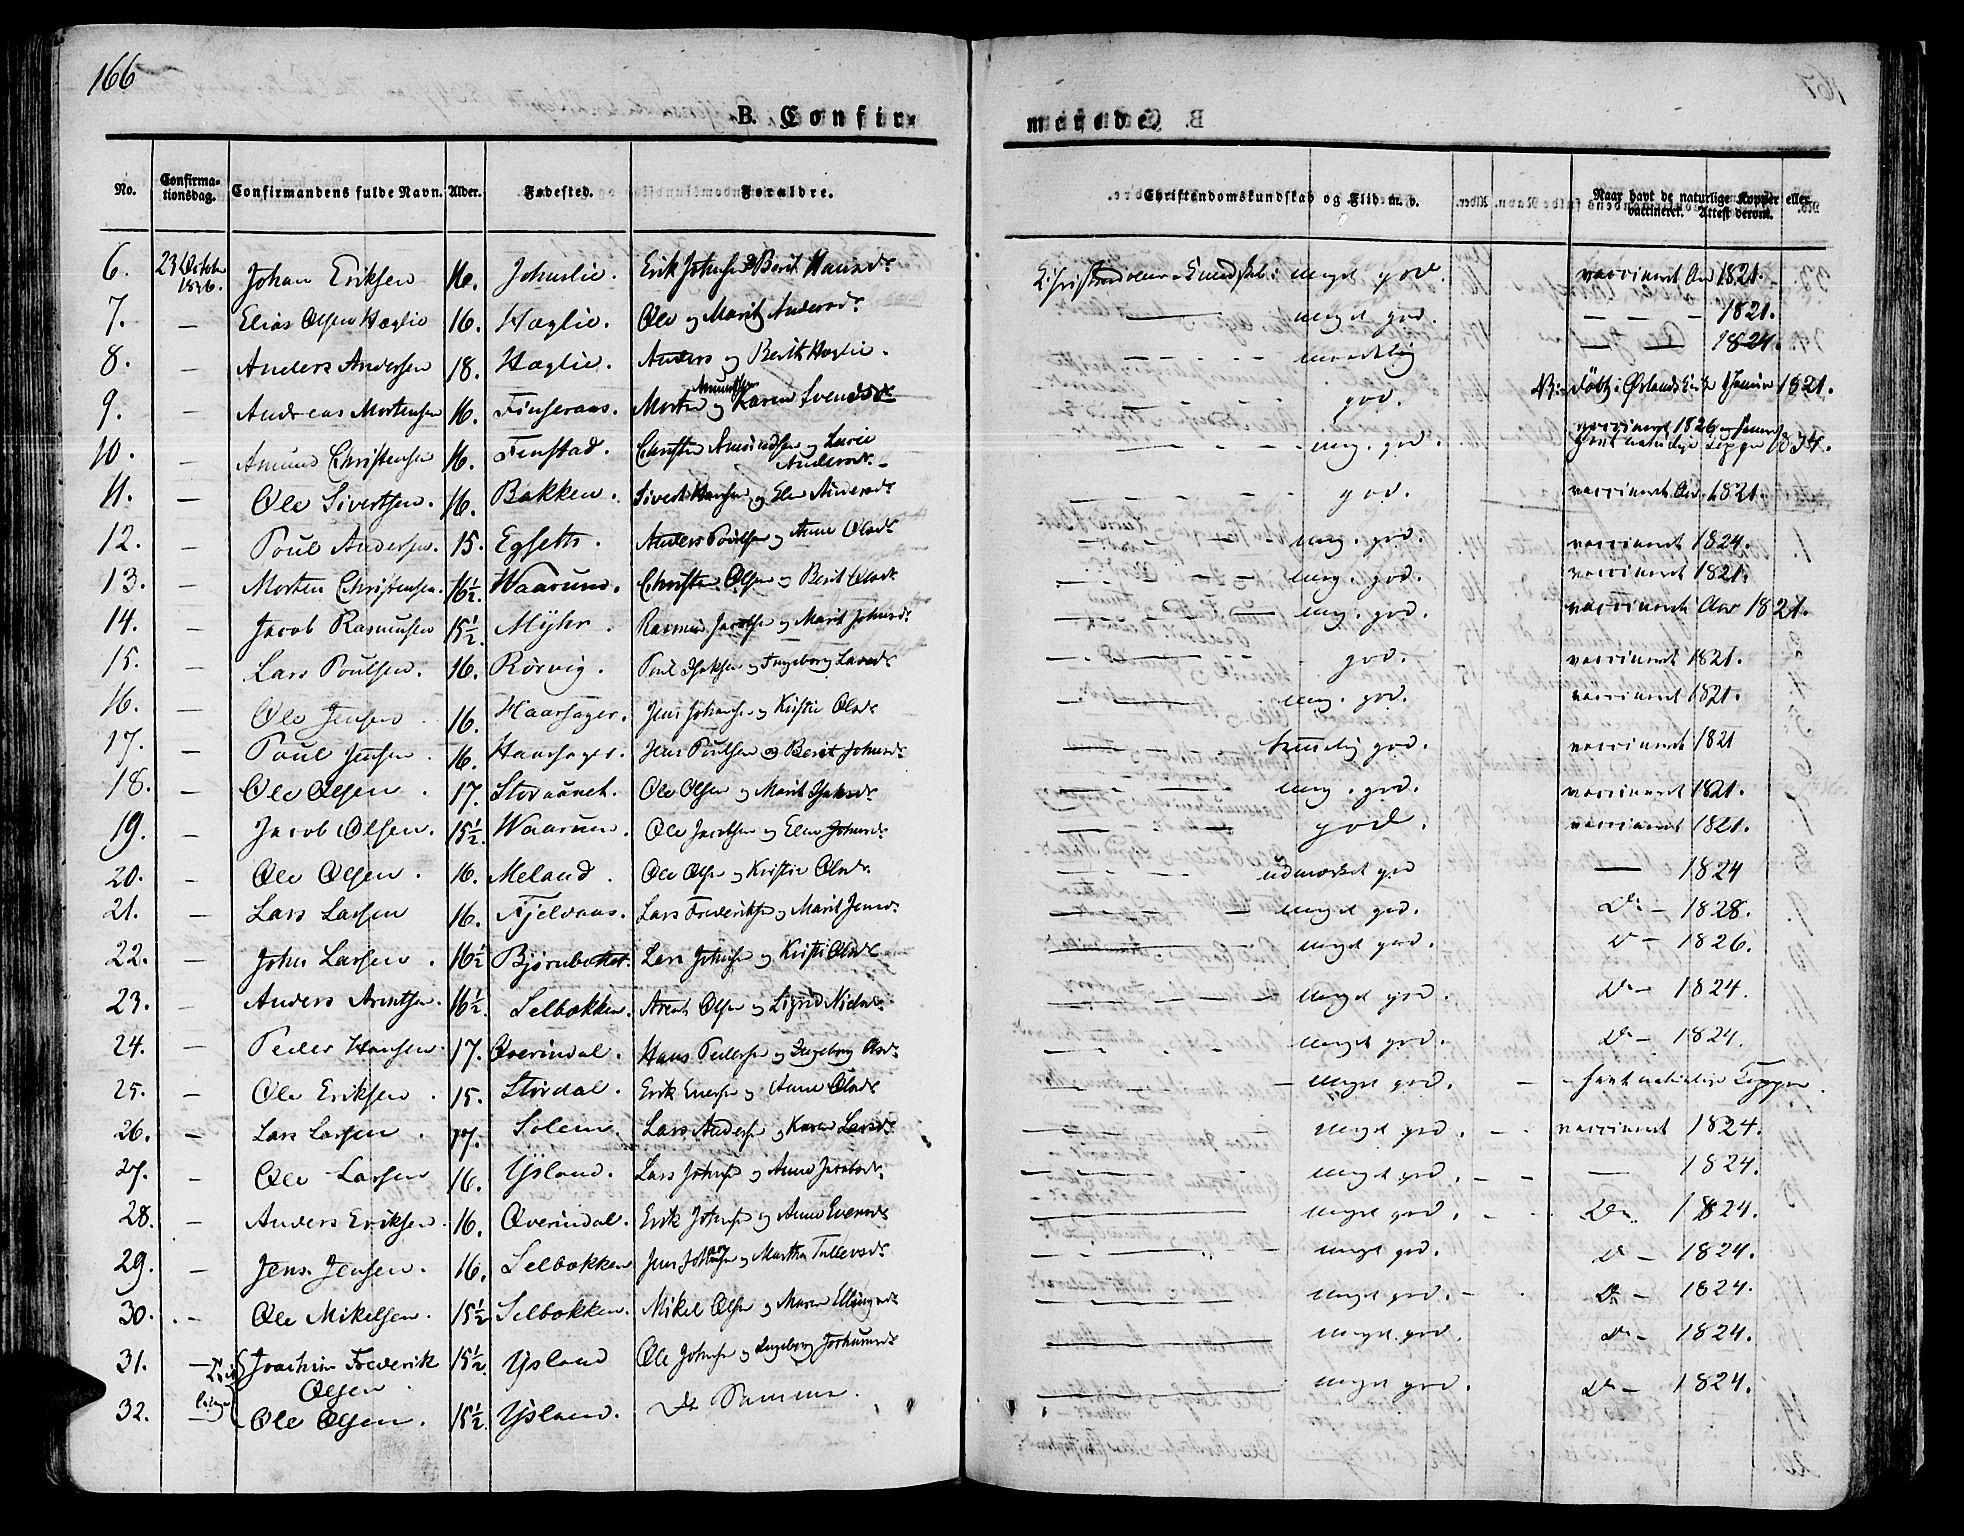 SAT, Ministerialprotokoller, klokkerbøker og fødselsregistre - Sør-Trøndelag, 646/L0609: Ministerialbok nr. 646A07, 1826-1838, s. 166